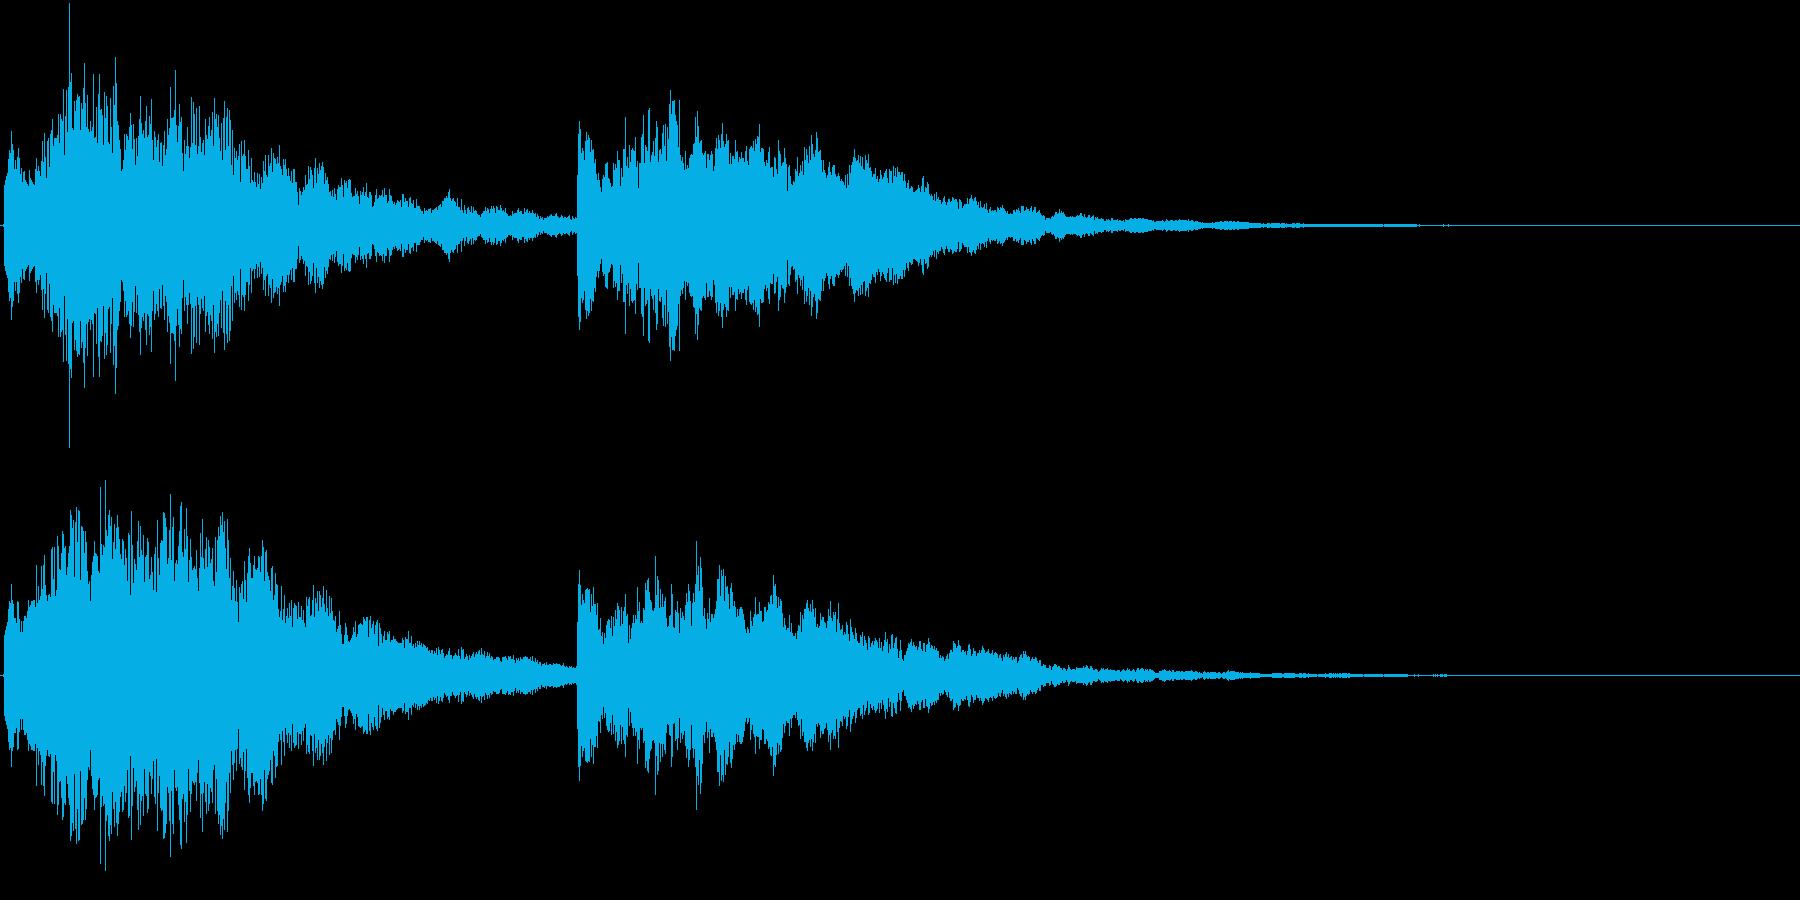 自然と調和した静かな波のような電子音の再生済みの波形